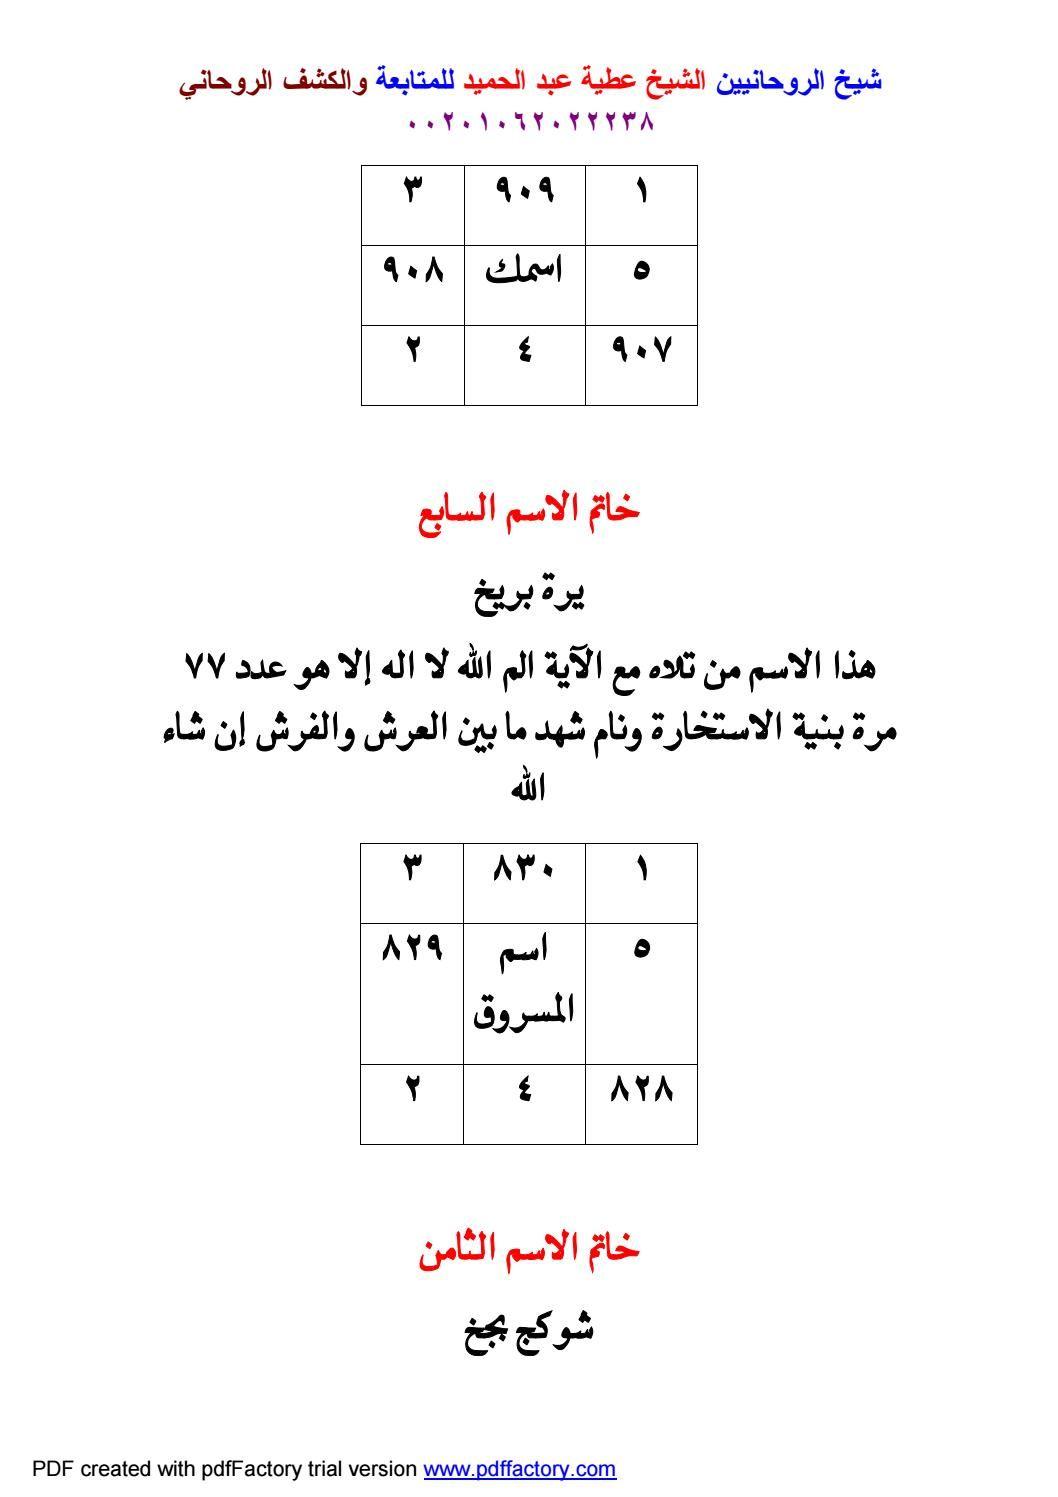 الأسماء الطمطمية أسماء آصف ابن برخيا وكيفية العمل بيها In 2021